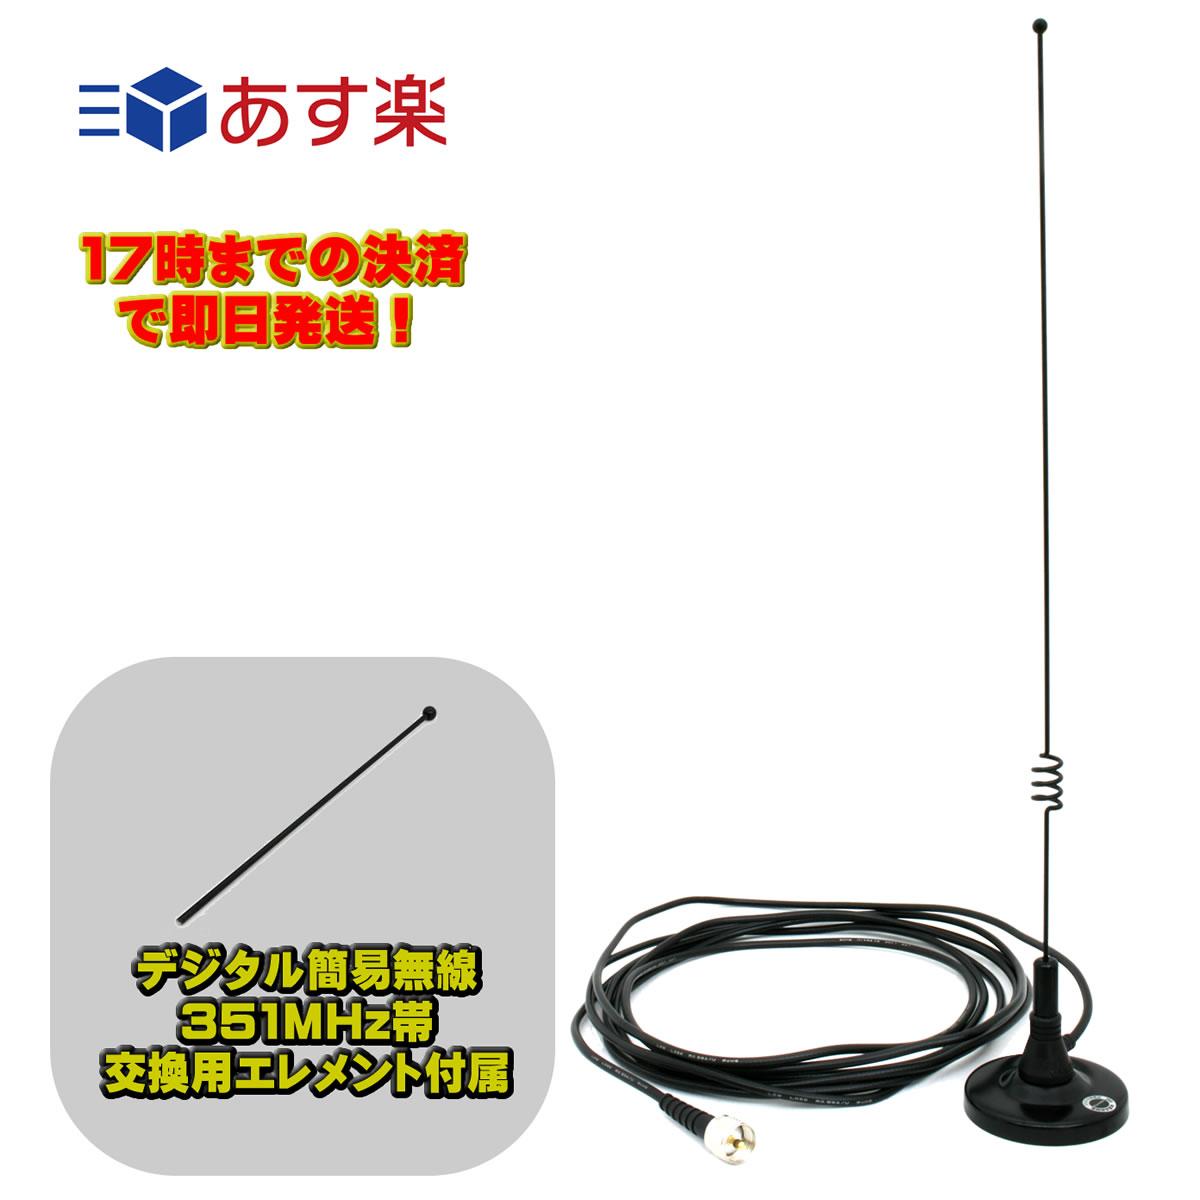 【ラッキーシール対応】 M-24M コメット マグネット基台アンテナセット M型コネクター M24M 限定リニューアル版